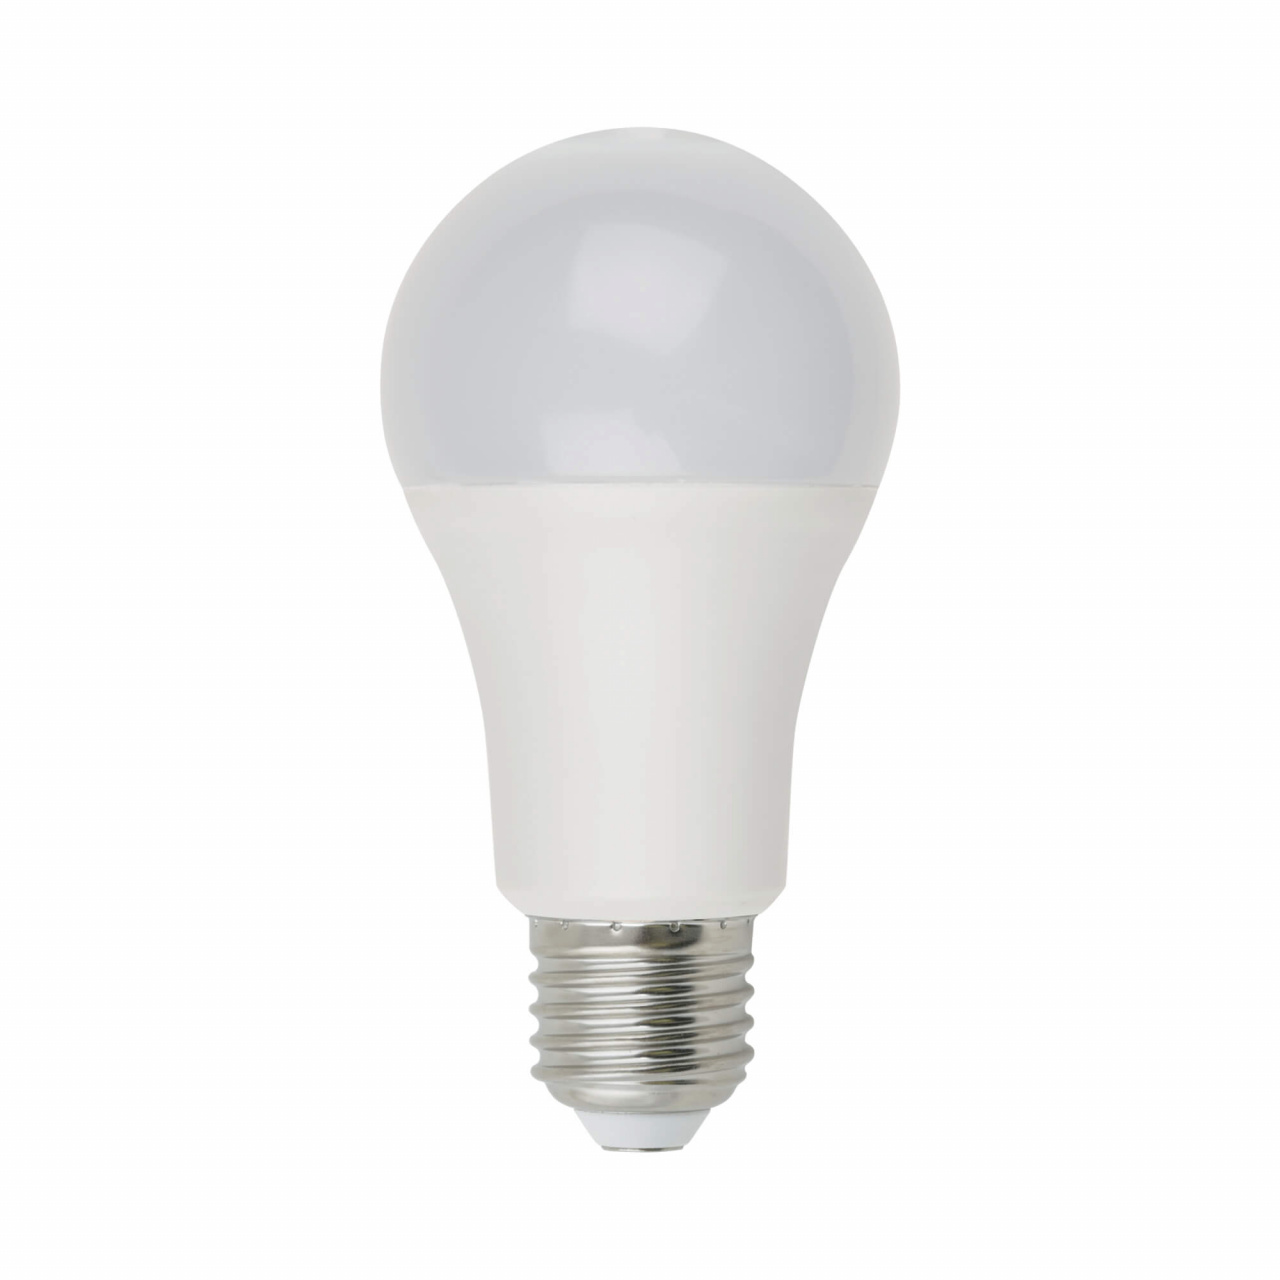 Лампочка Uniel LED-A60-10W/4000K/E27/PS PLS10WH LED-A60 ledron lip0906 10w y 4000k black